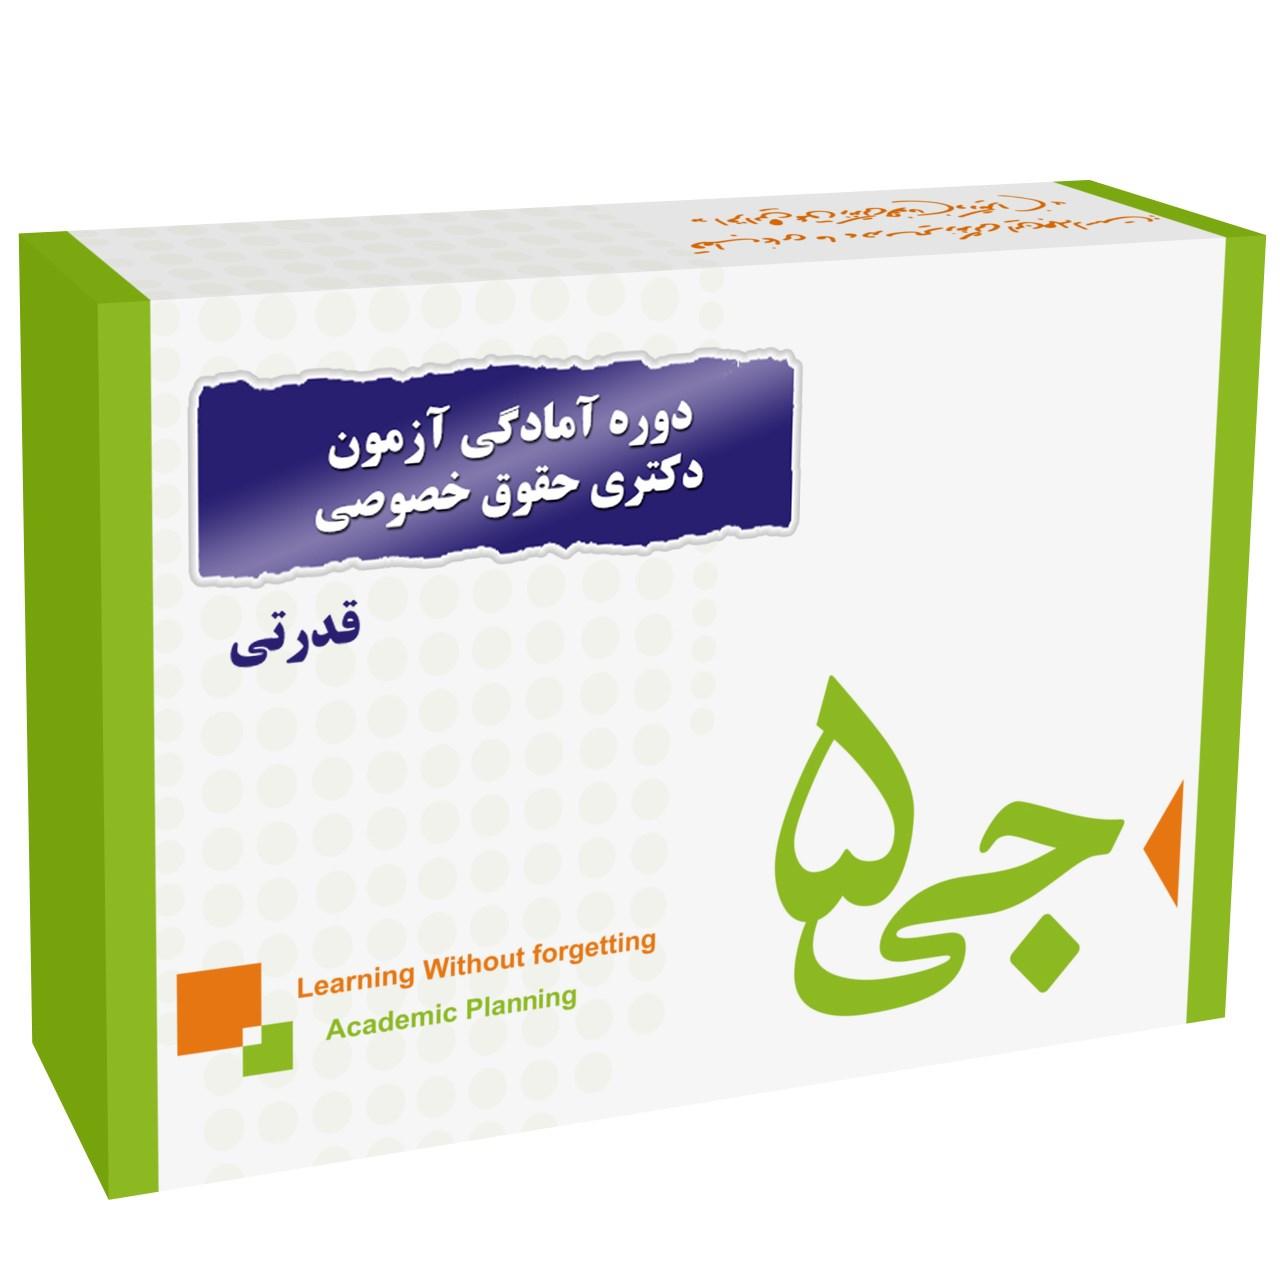 دوره آمادگی آزمون دکتری حقوق خصوصی انتشارات جی 5 قدرتی